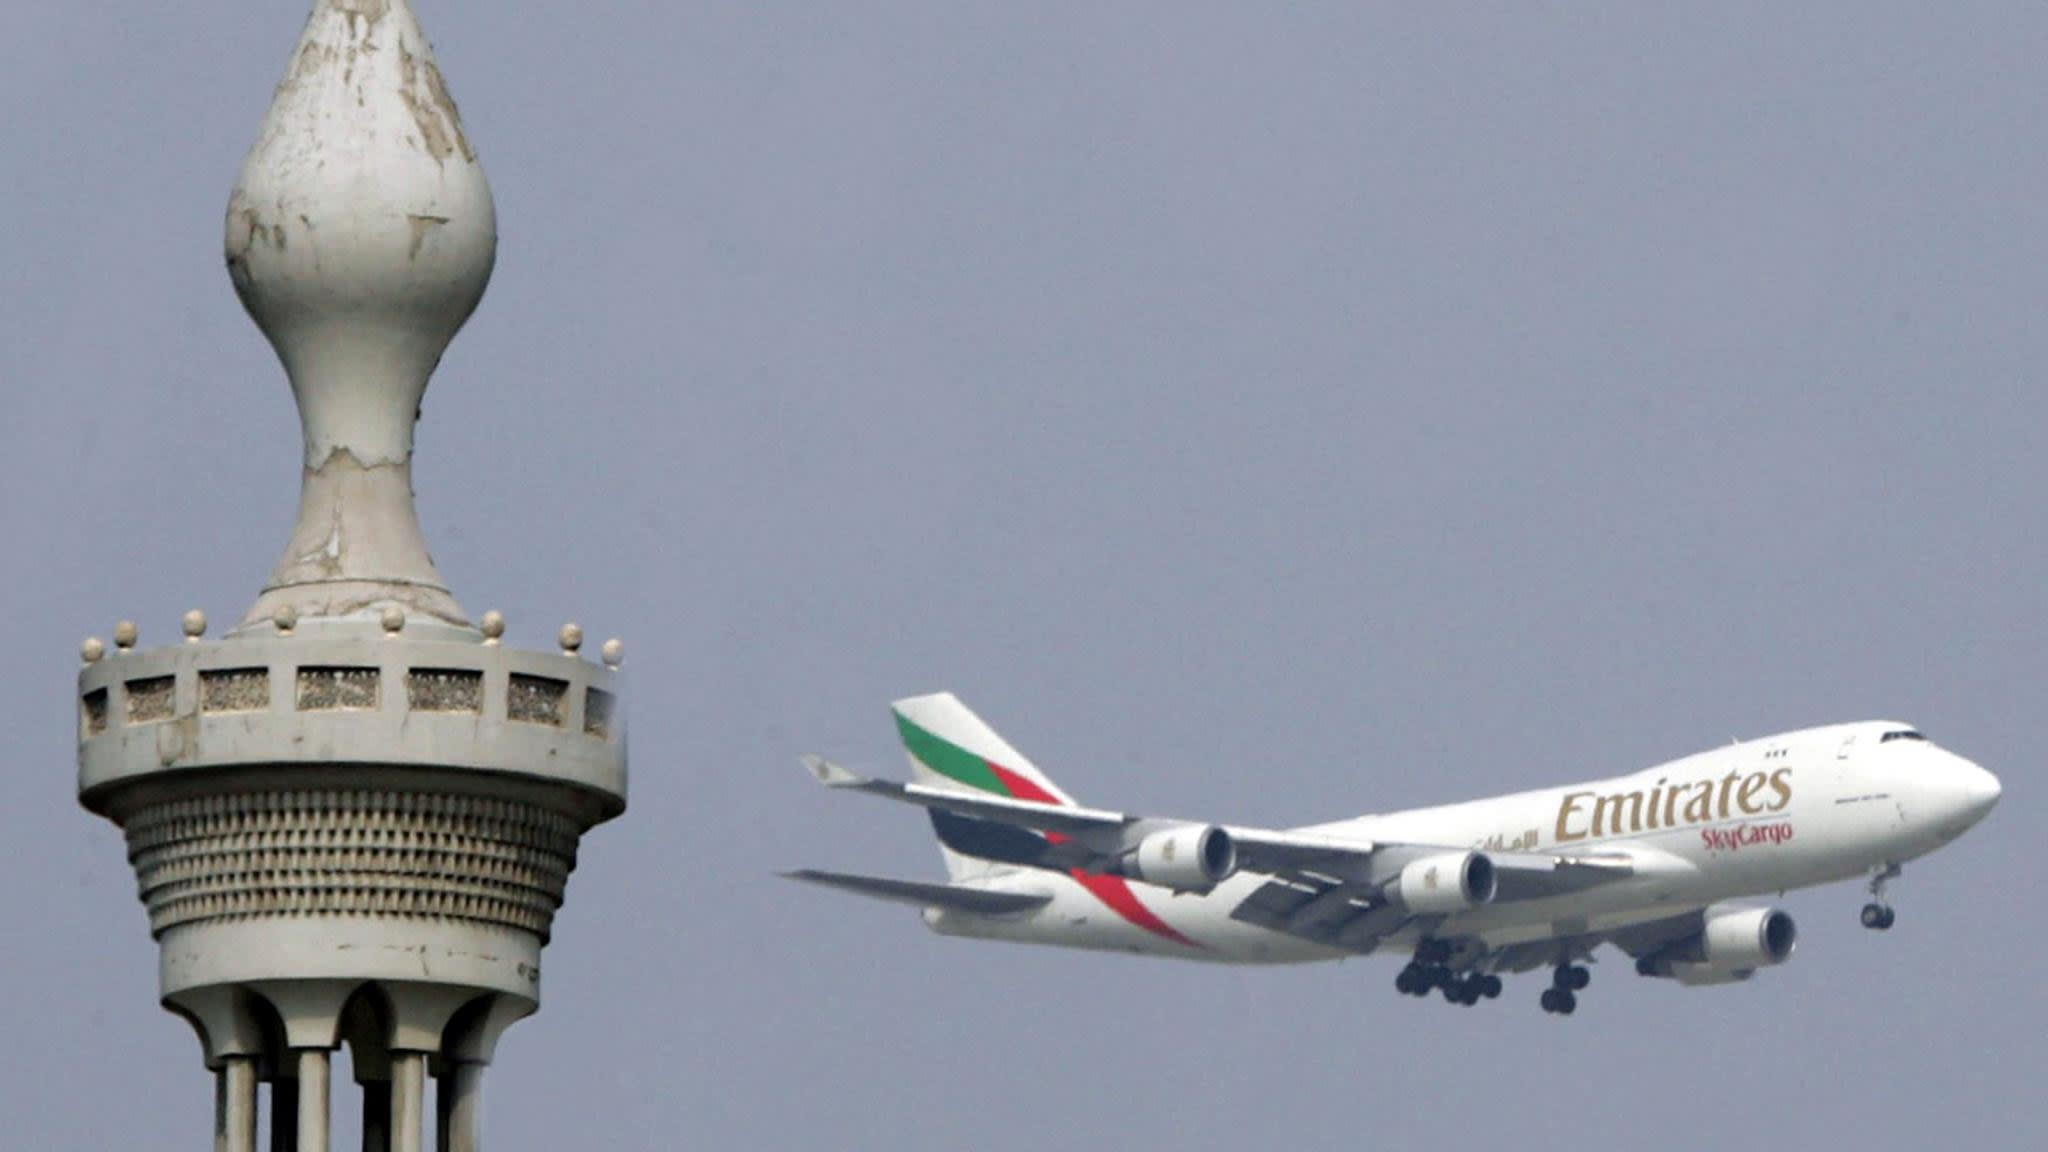 Emirates attacks Delta chief's credibility   Financial Times